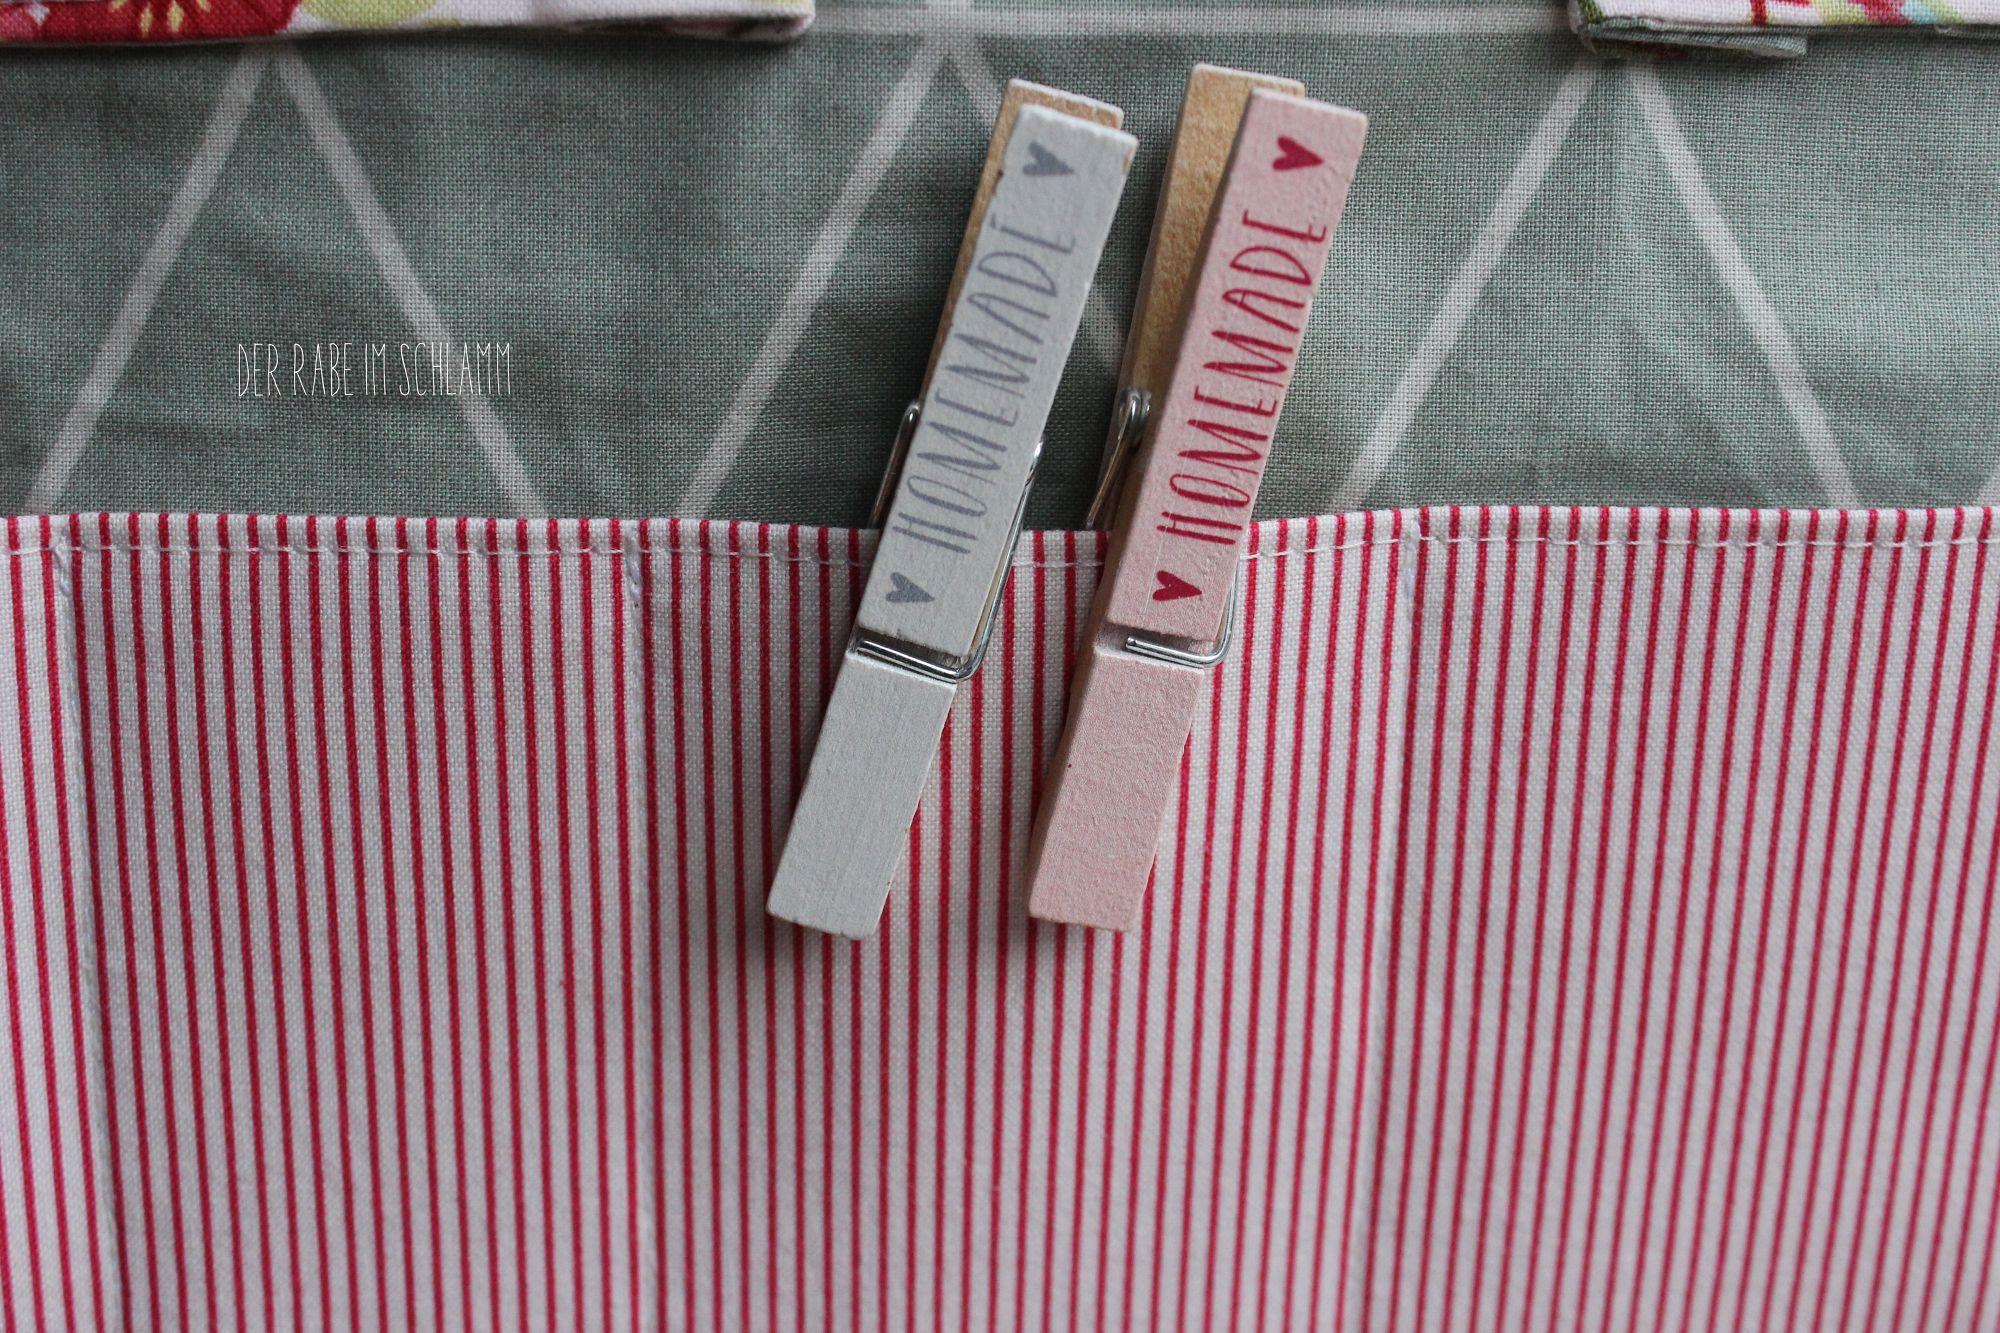 Der Rabe im Schlamm, Tasche, Wandutensilo, nähen, DIY